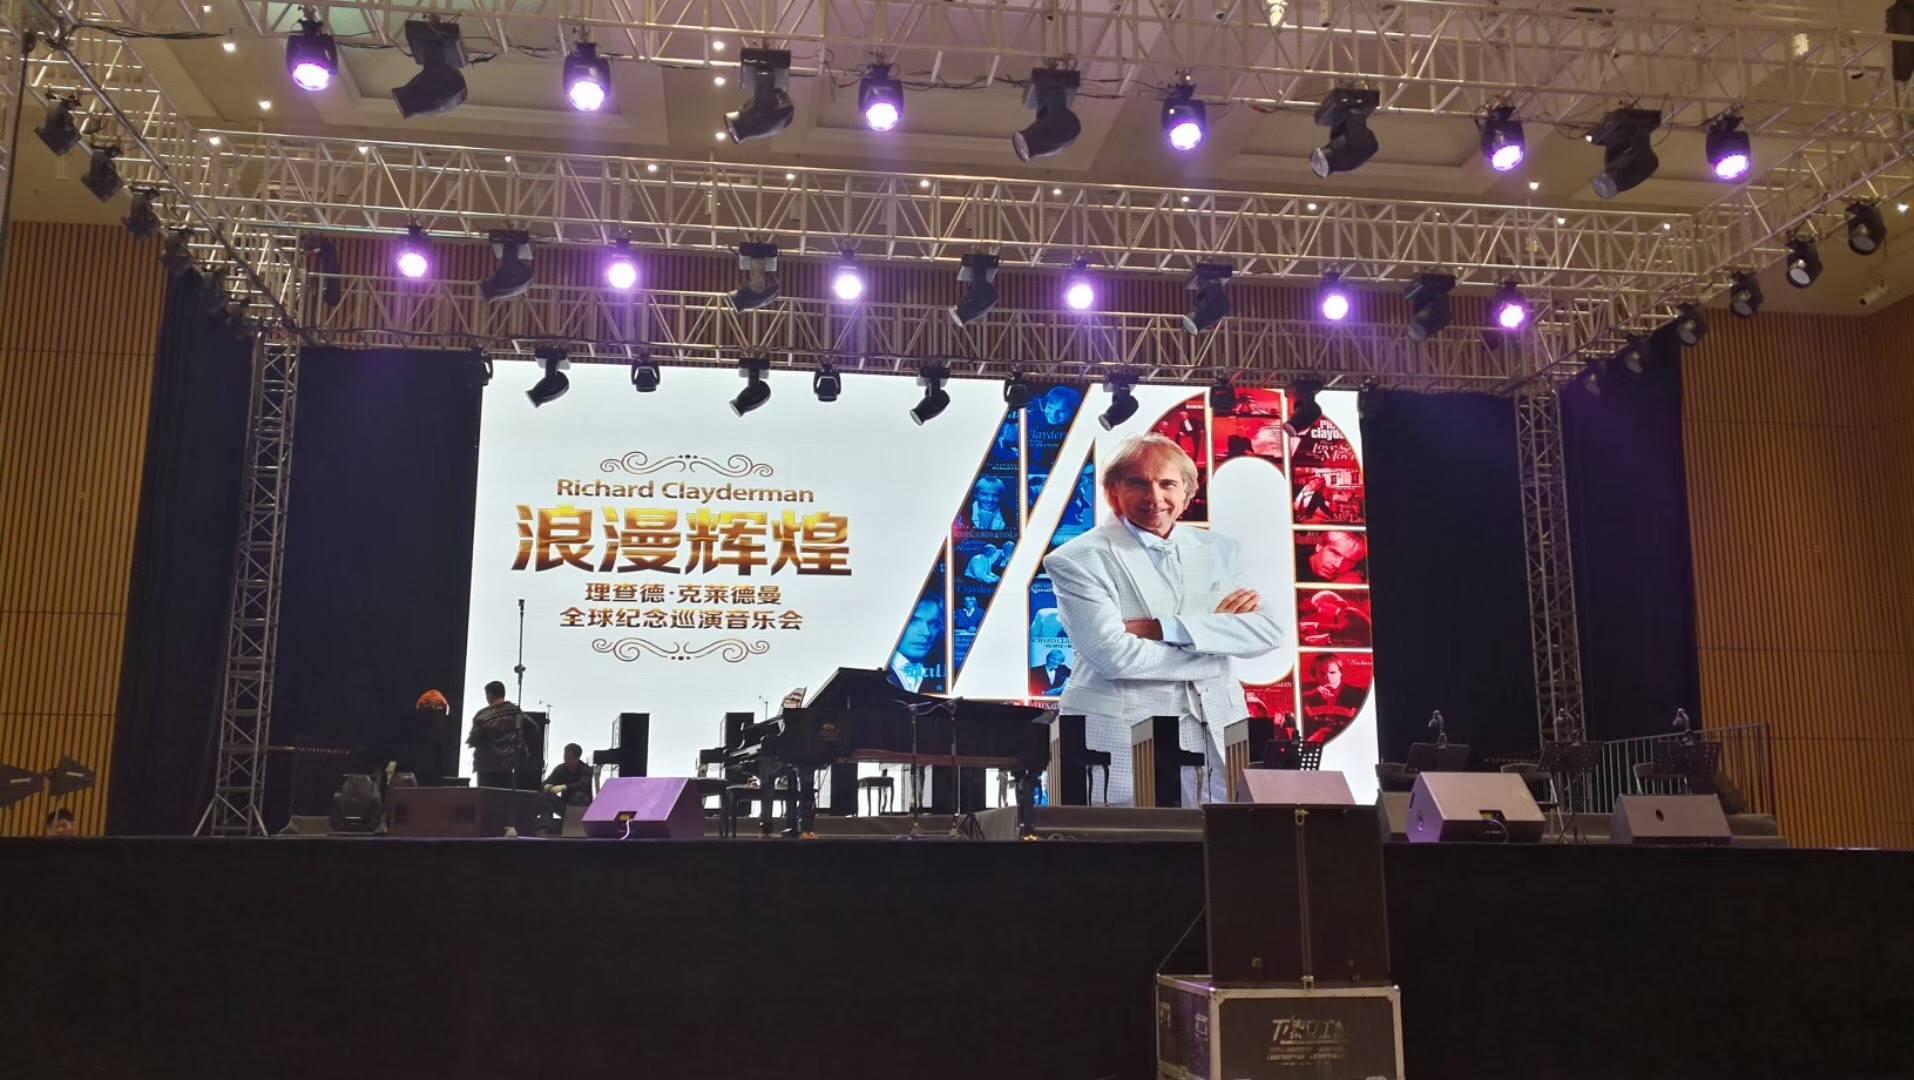 「南寧泰立燈光音響藝術科技有限公司」採用了 Bose Professional ShowMatch 陣列揚聲器系統為這場音樂會擔任優美鋼琴樂音的擴聲演出。